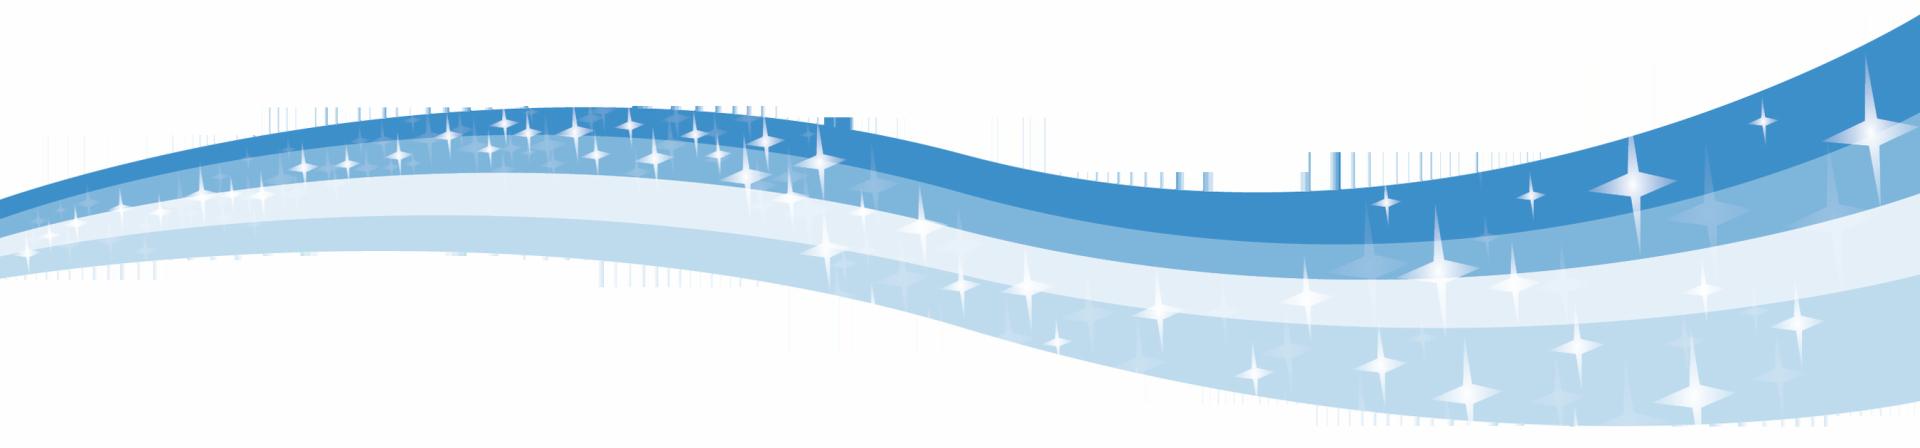 Waves PNG HD Border - 128824